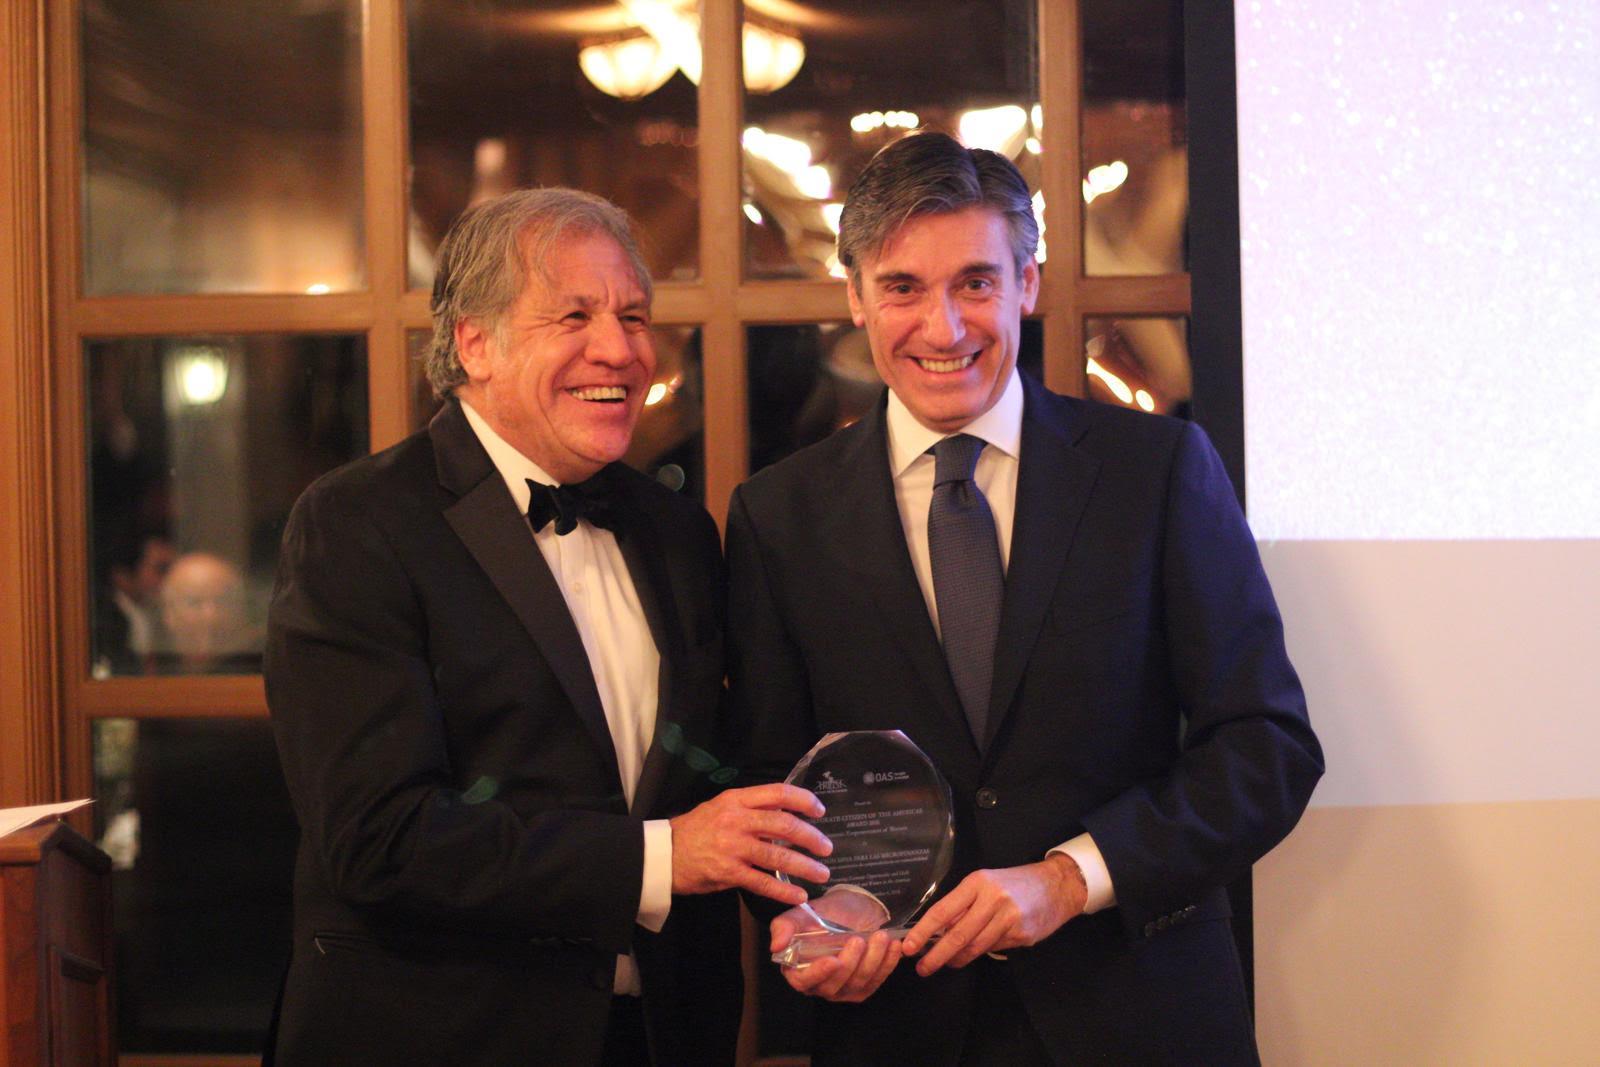 El secretario general de la OEA, Luis Almagro, entrega el premio Ciudadano Corporativo de las Américas 2018 al director general de la FMBBVA, Javier M. Moreno